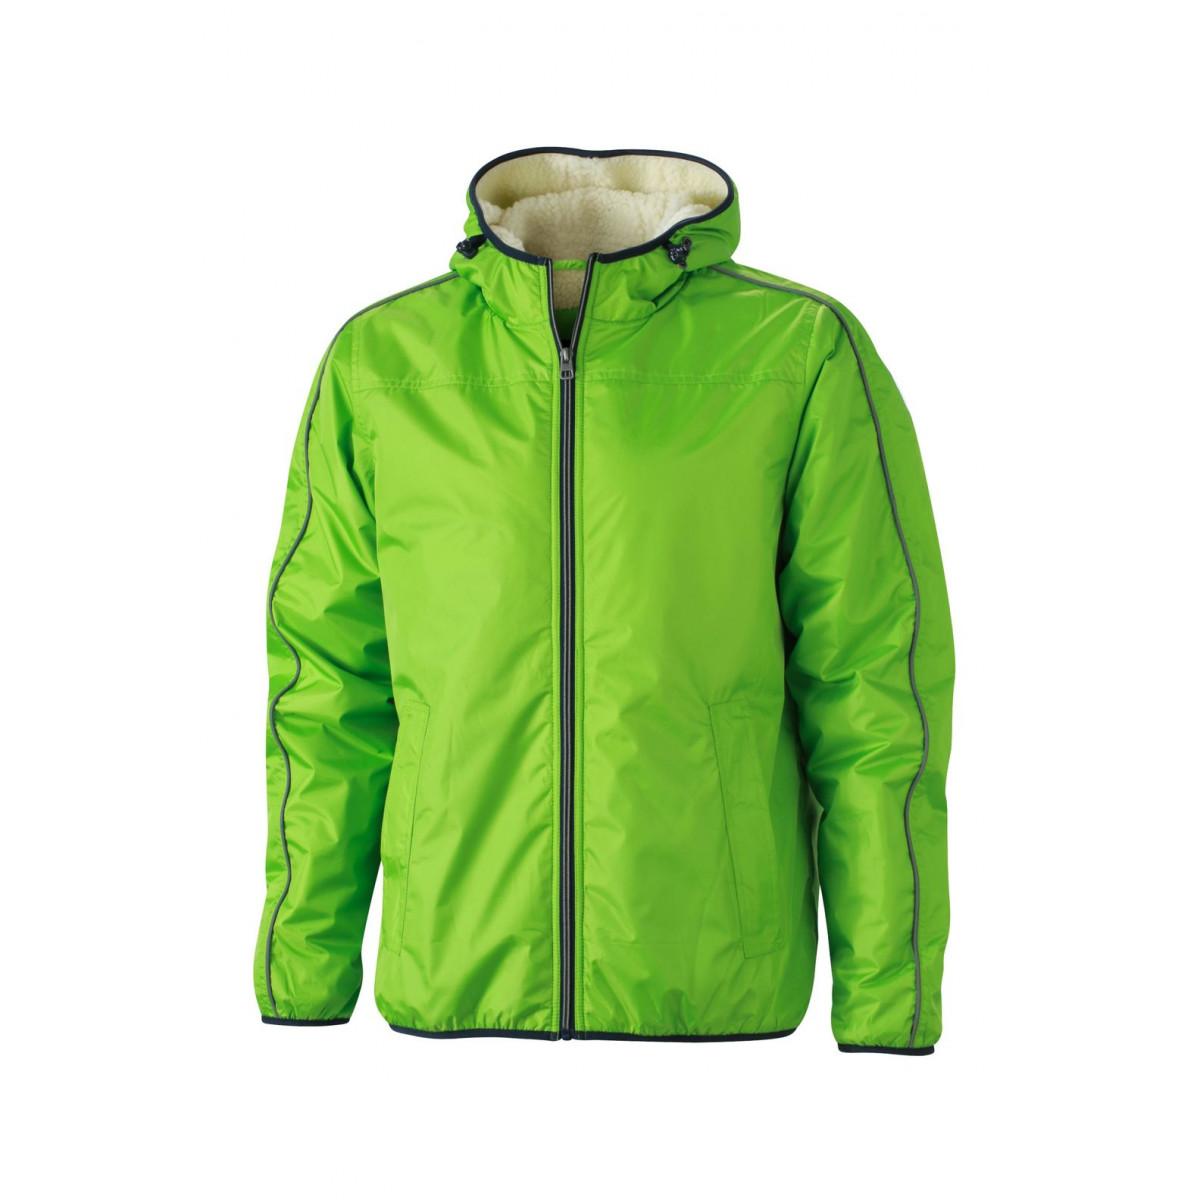 Куртка мужская JN1104 Mens Winter Sports Jacket - Насыщенный зеленый/Белый